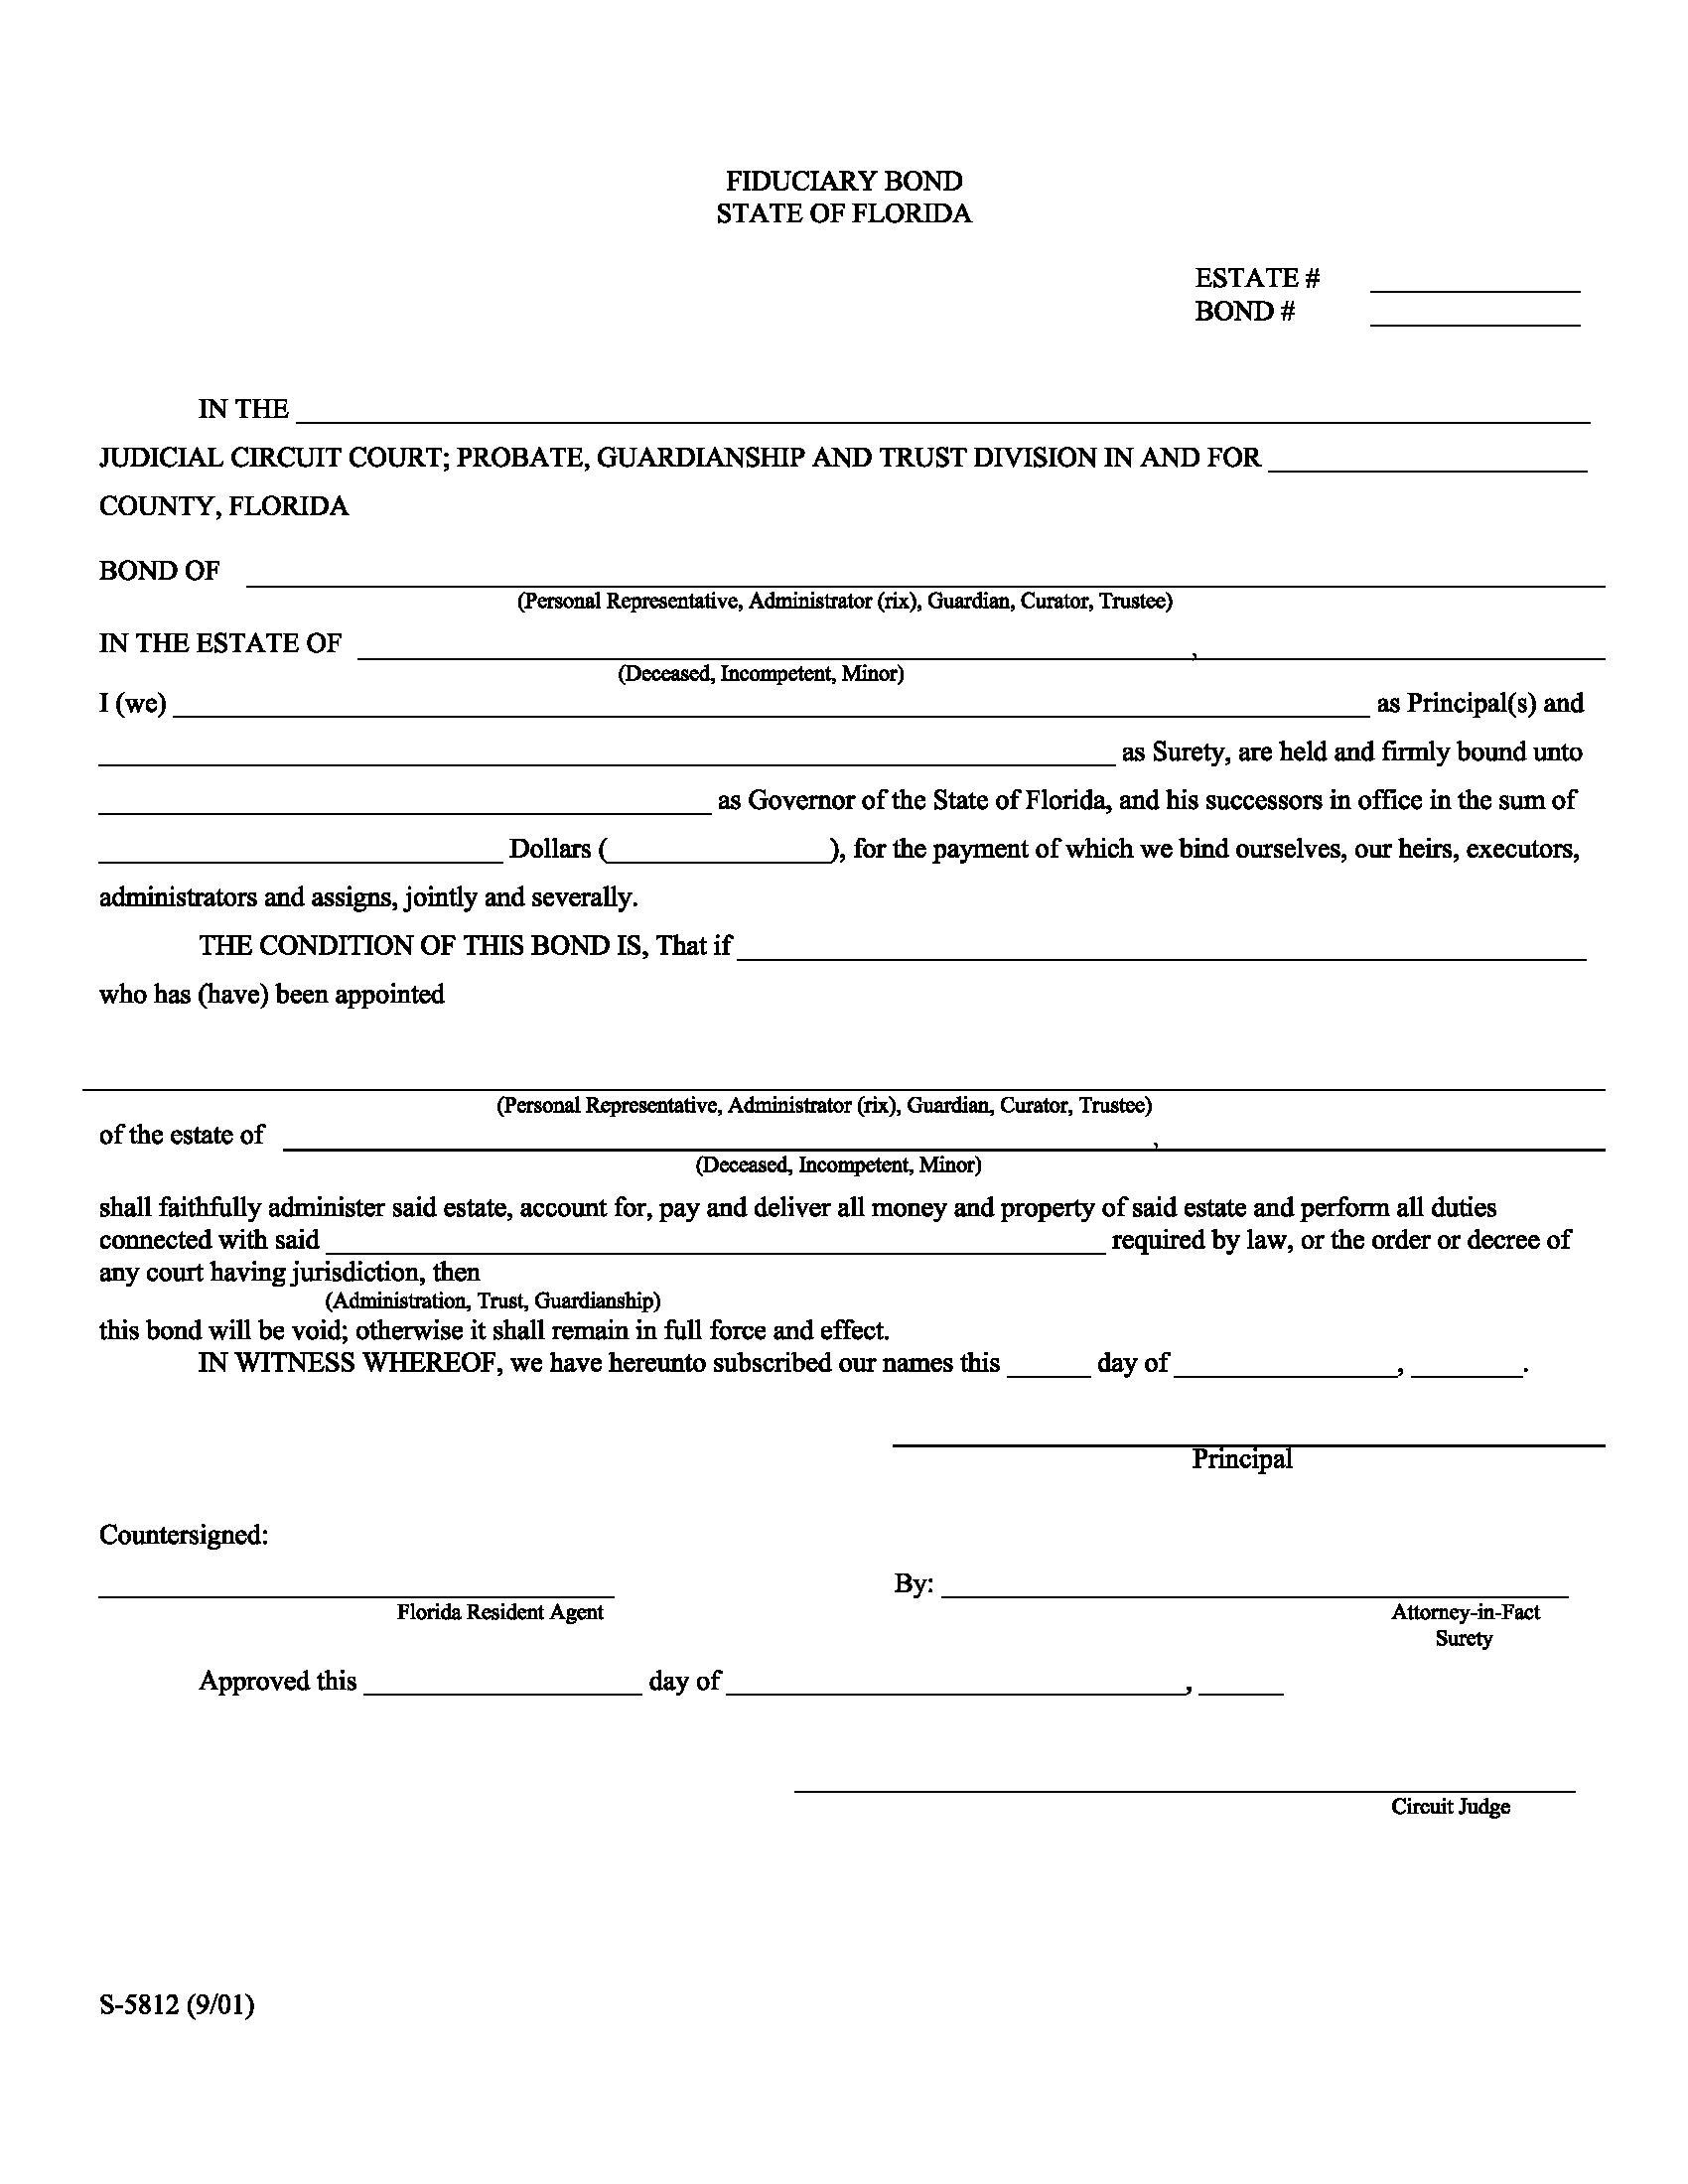 Administrator or Personal Representative sample image